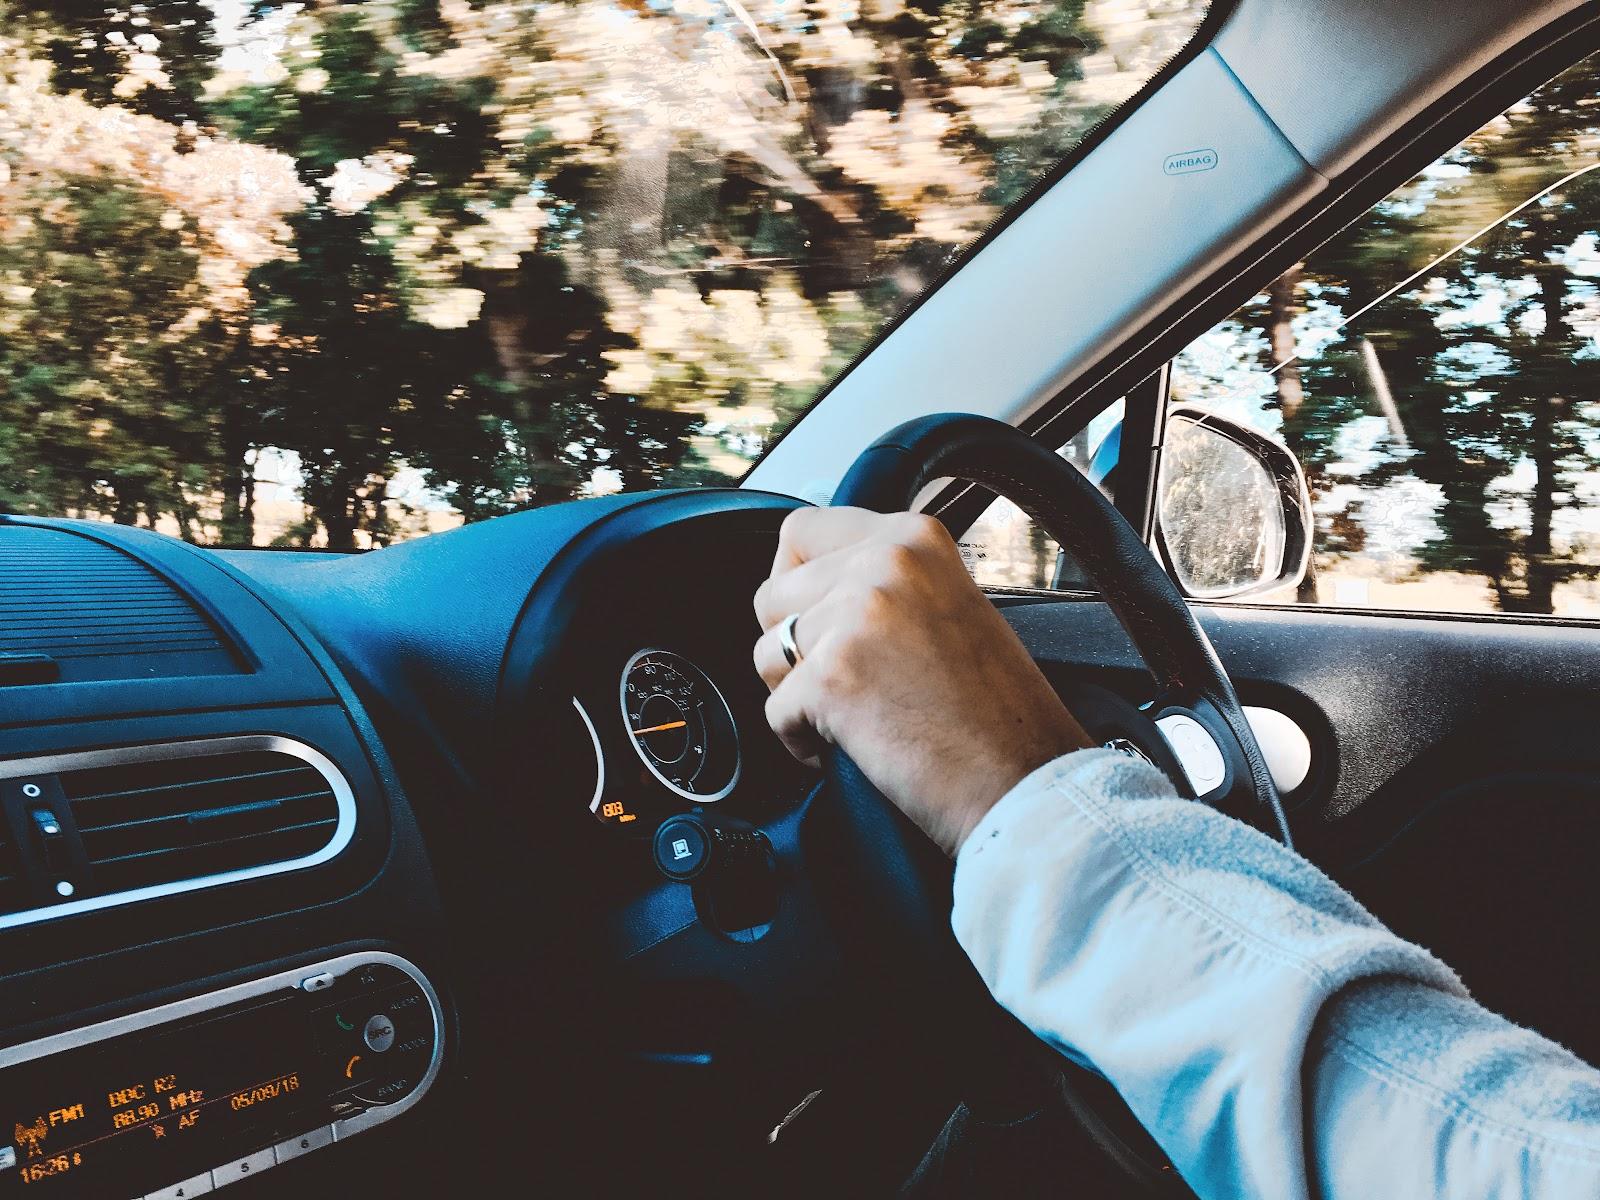 Uma mão dirigindo um volante de carro.